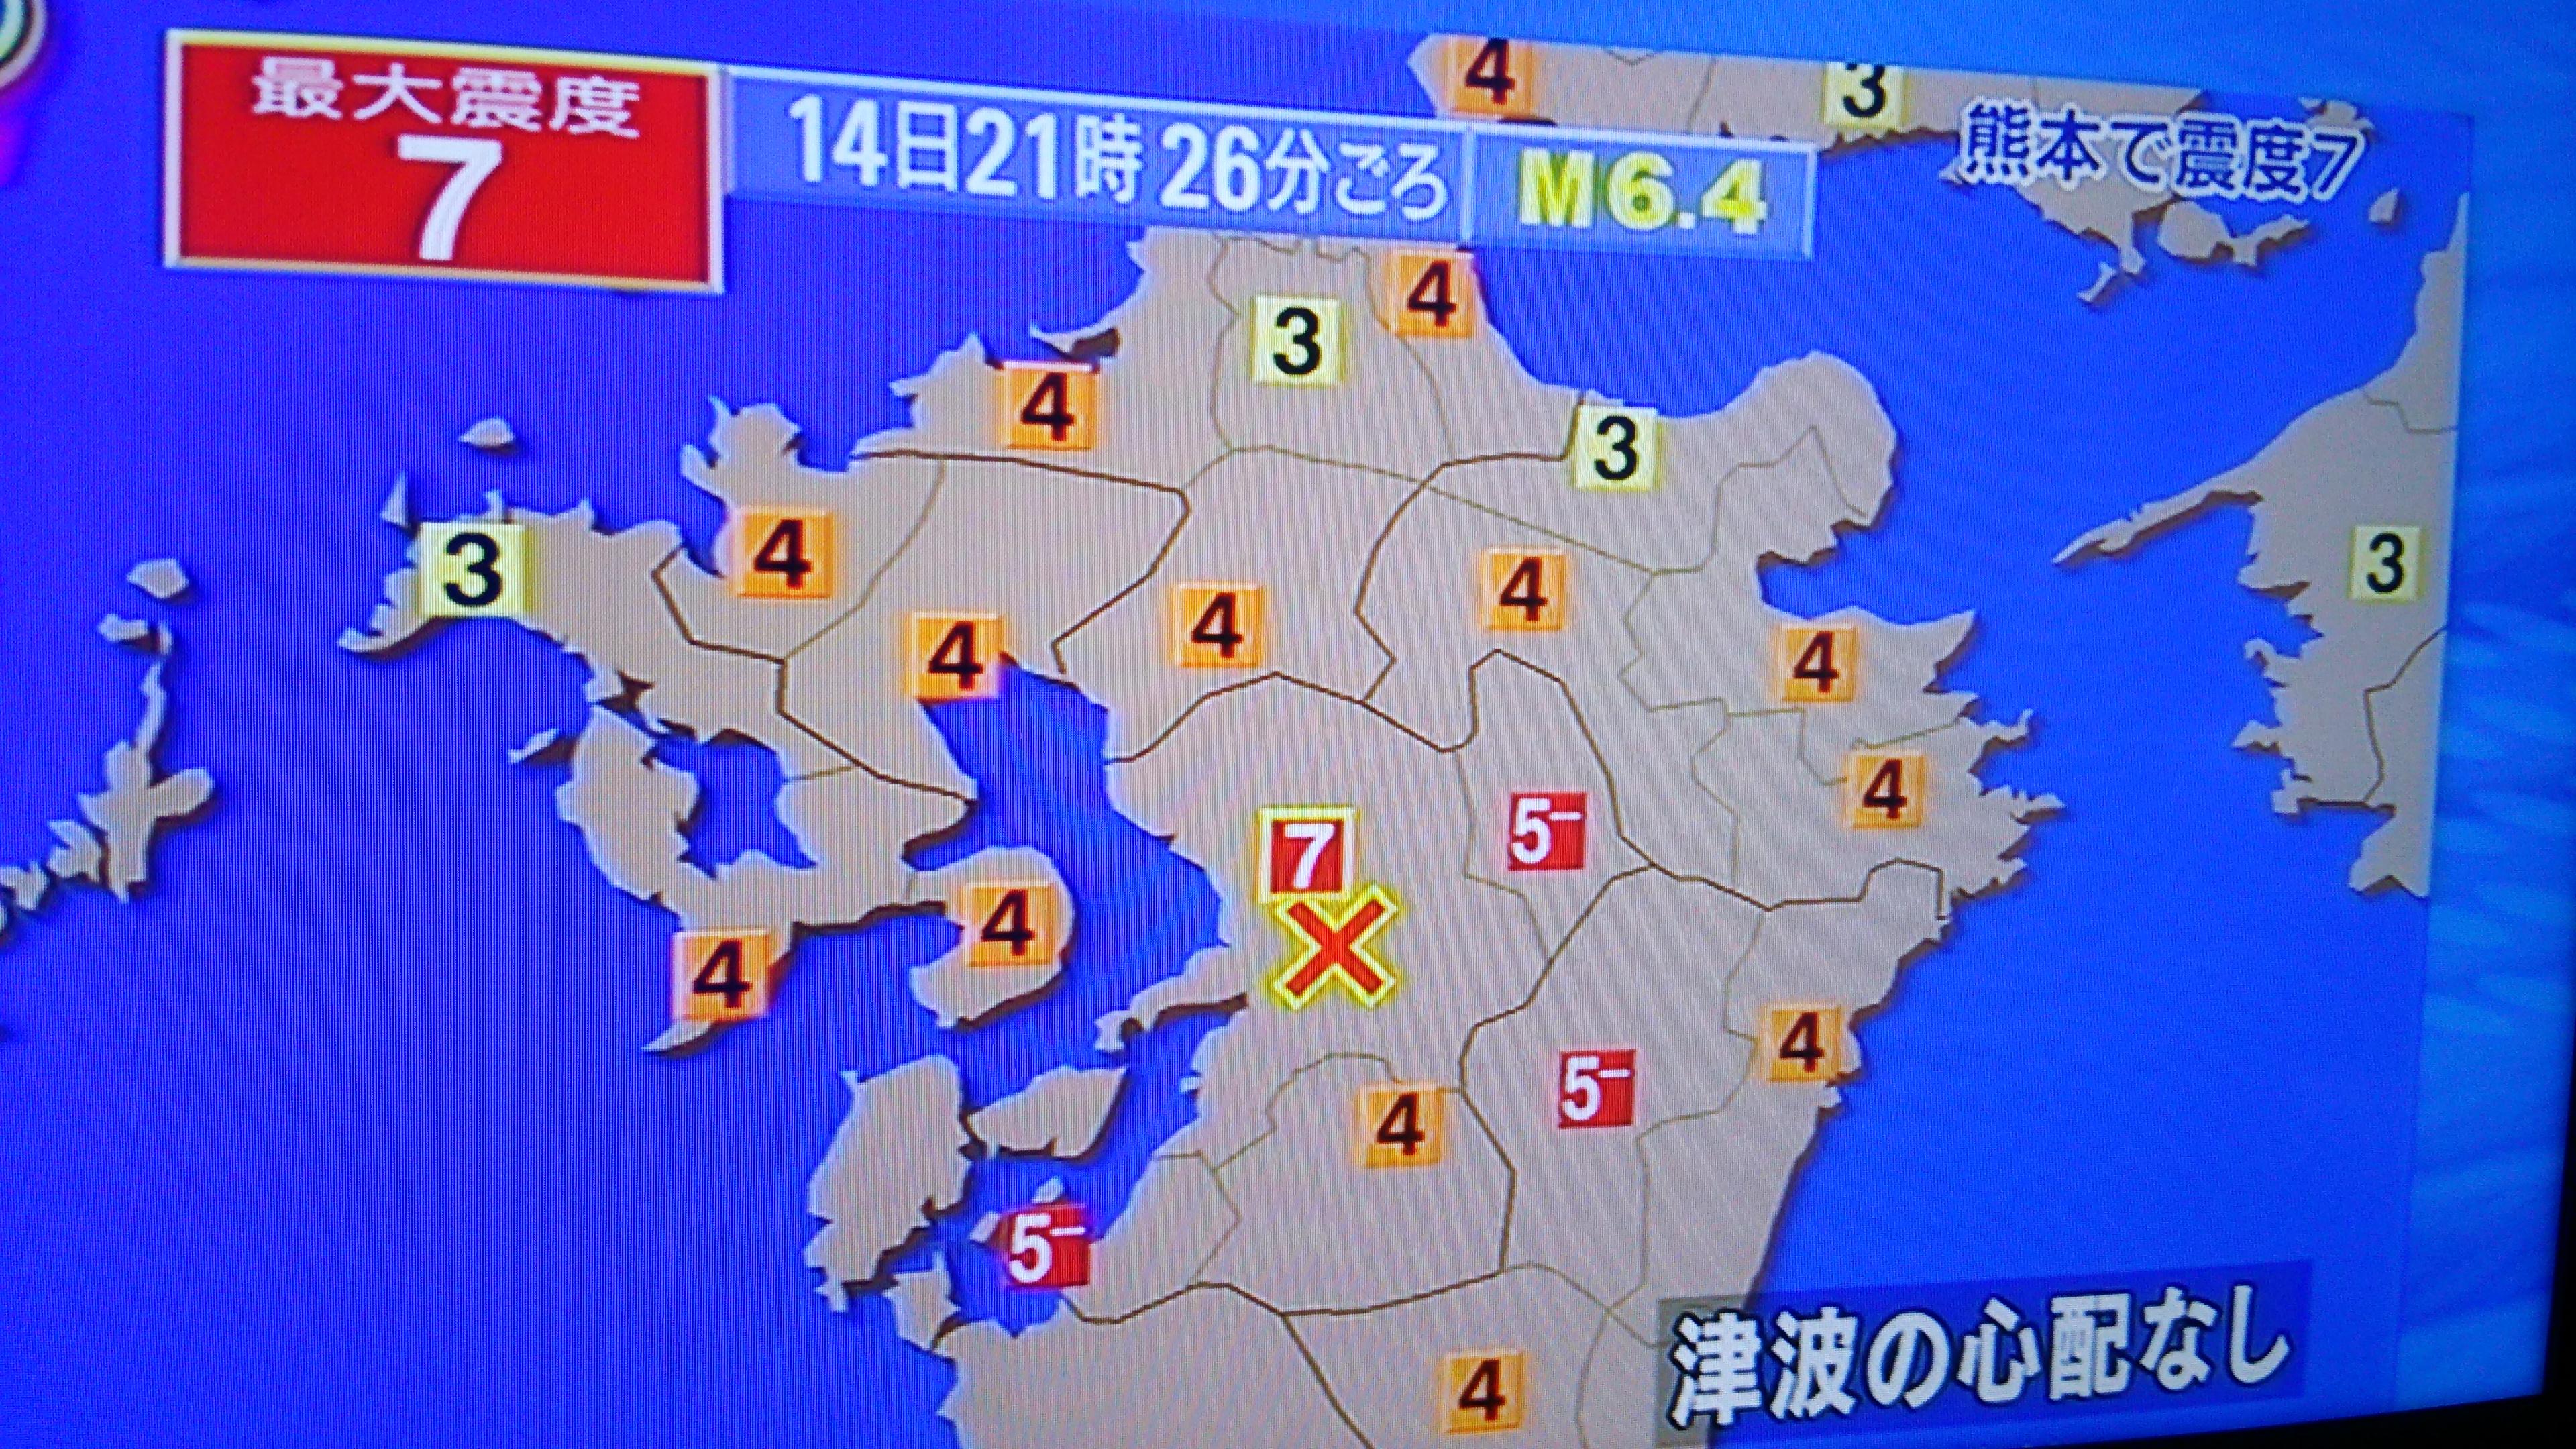 熊本県益城町の大地震の前兆現象ではと前日に胸騒ぎがした話